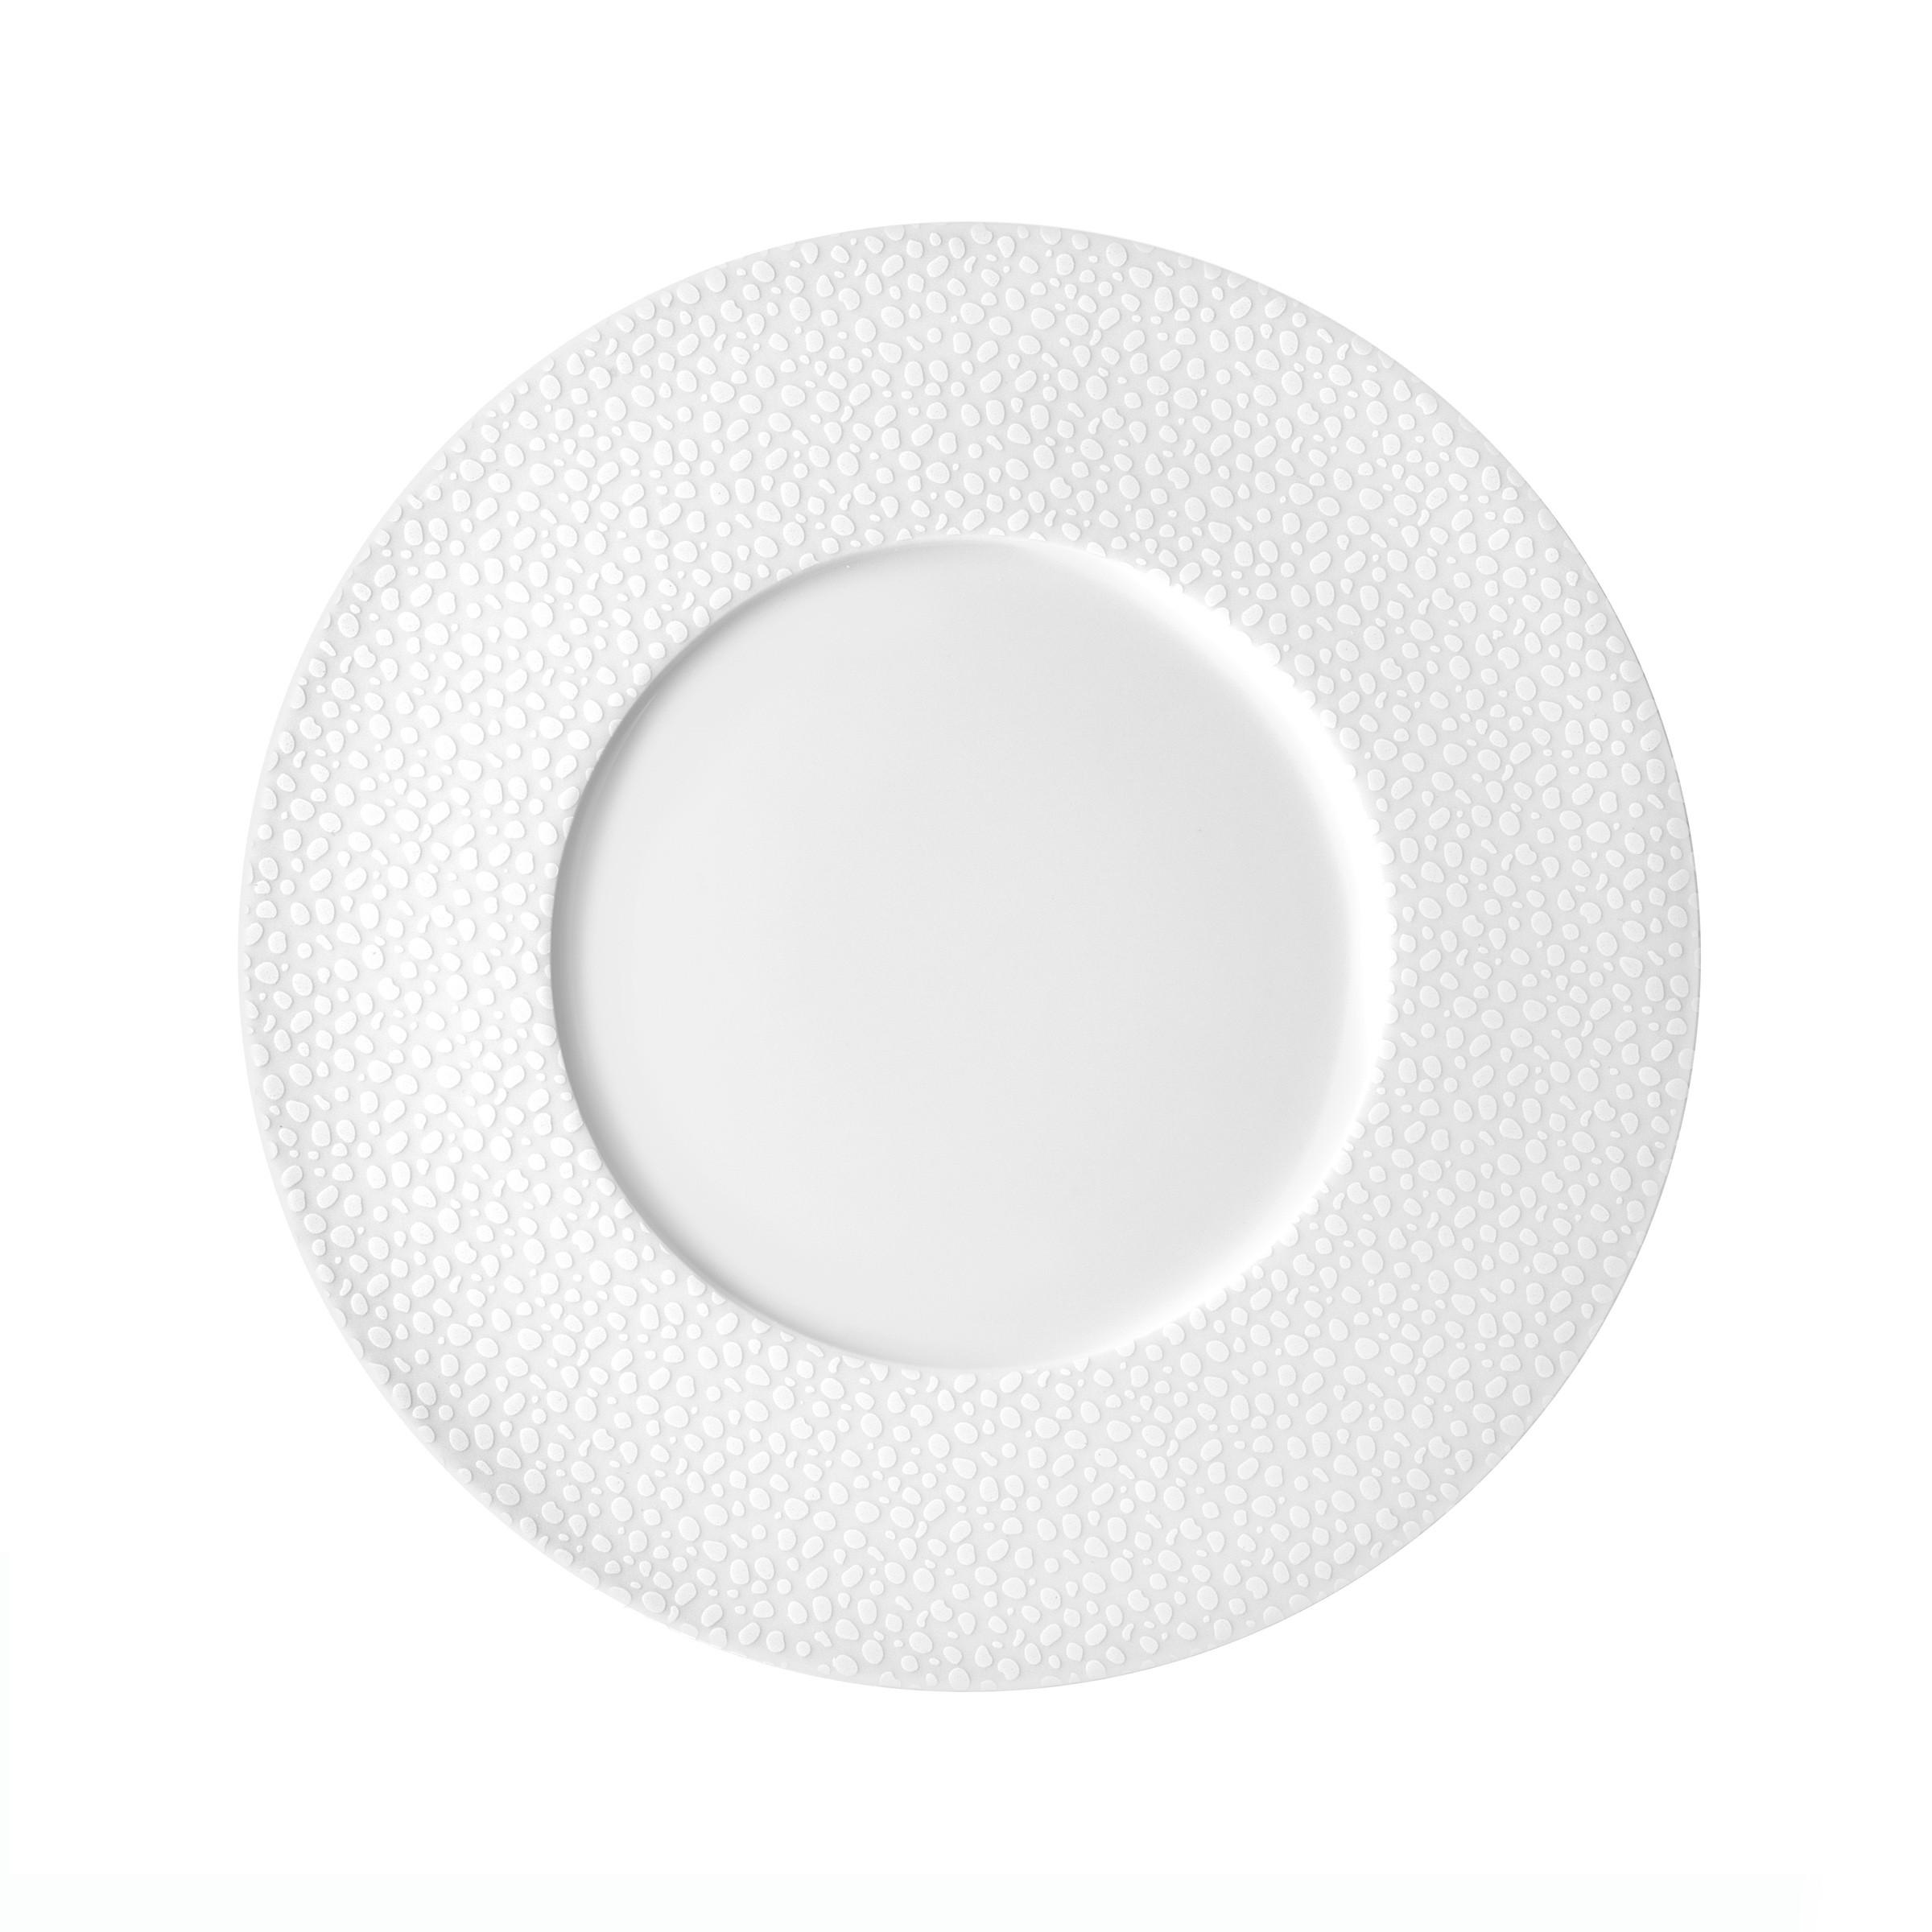 Coffret 6 assiettes plates D27cm